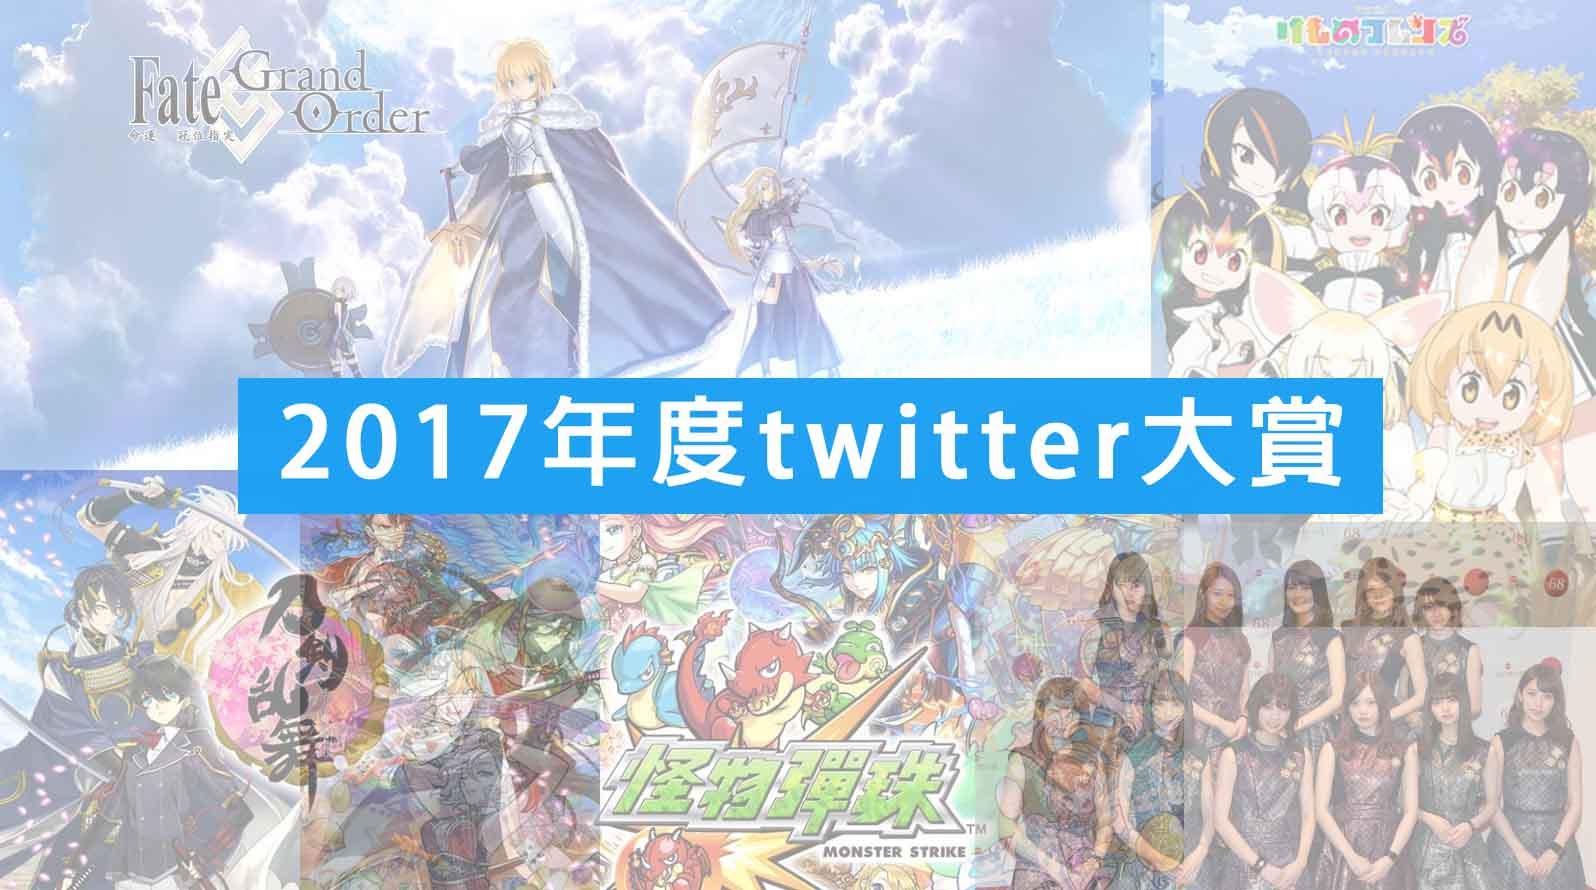 日本2017年度twitter大賞發表!#FGO 這些詞日本人最常推啊